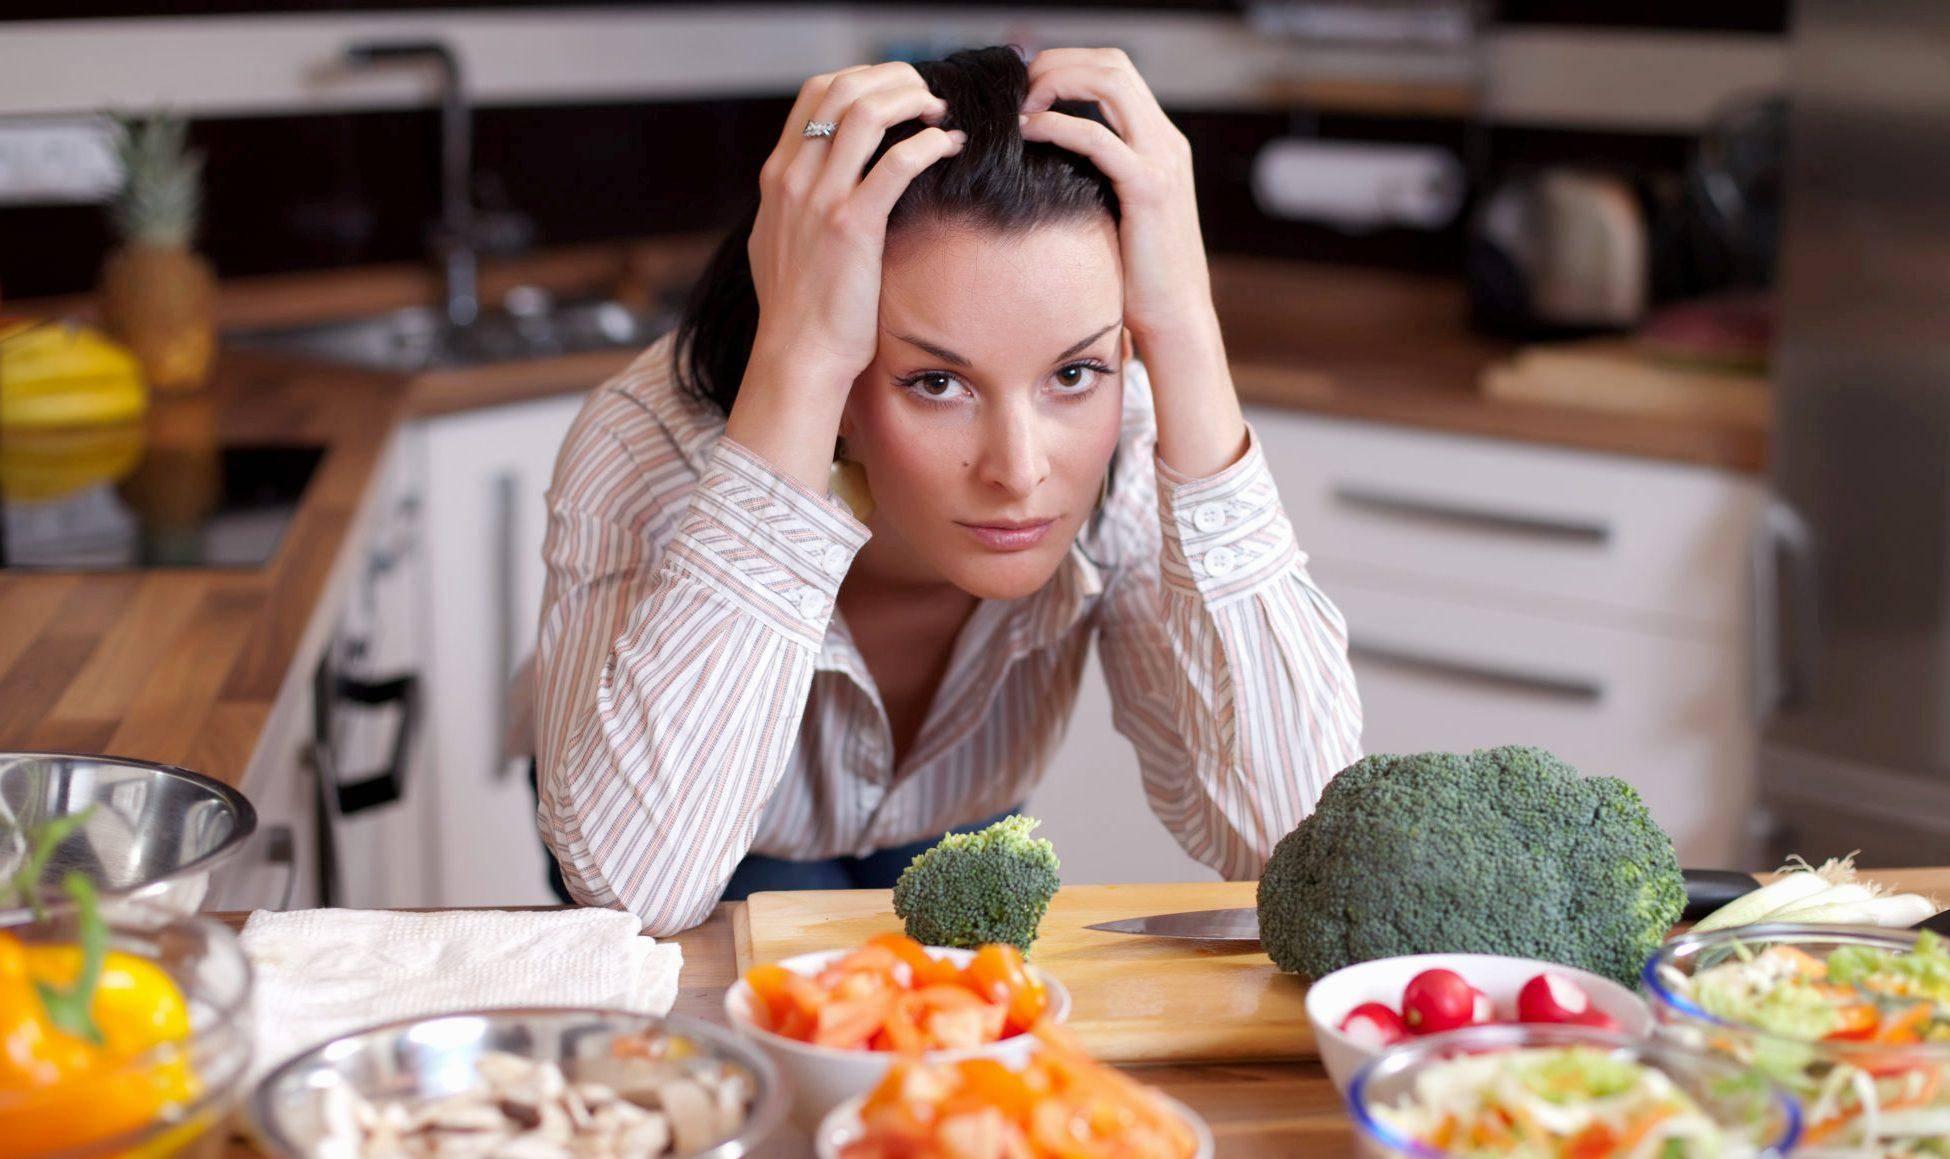 Сидите на диете - как усидеть, соблюсти диету и не сорваться